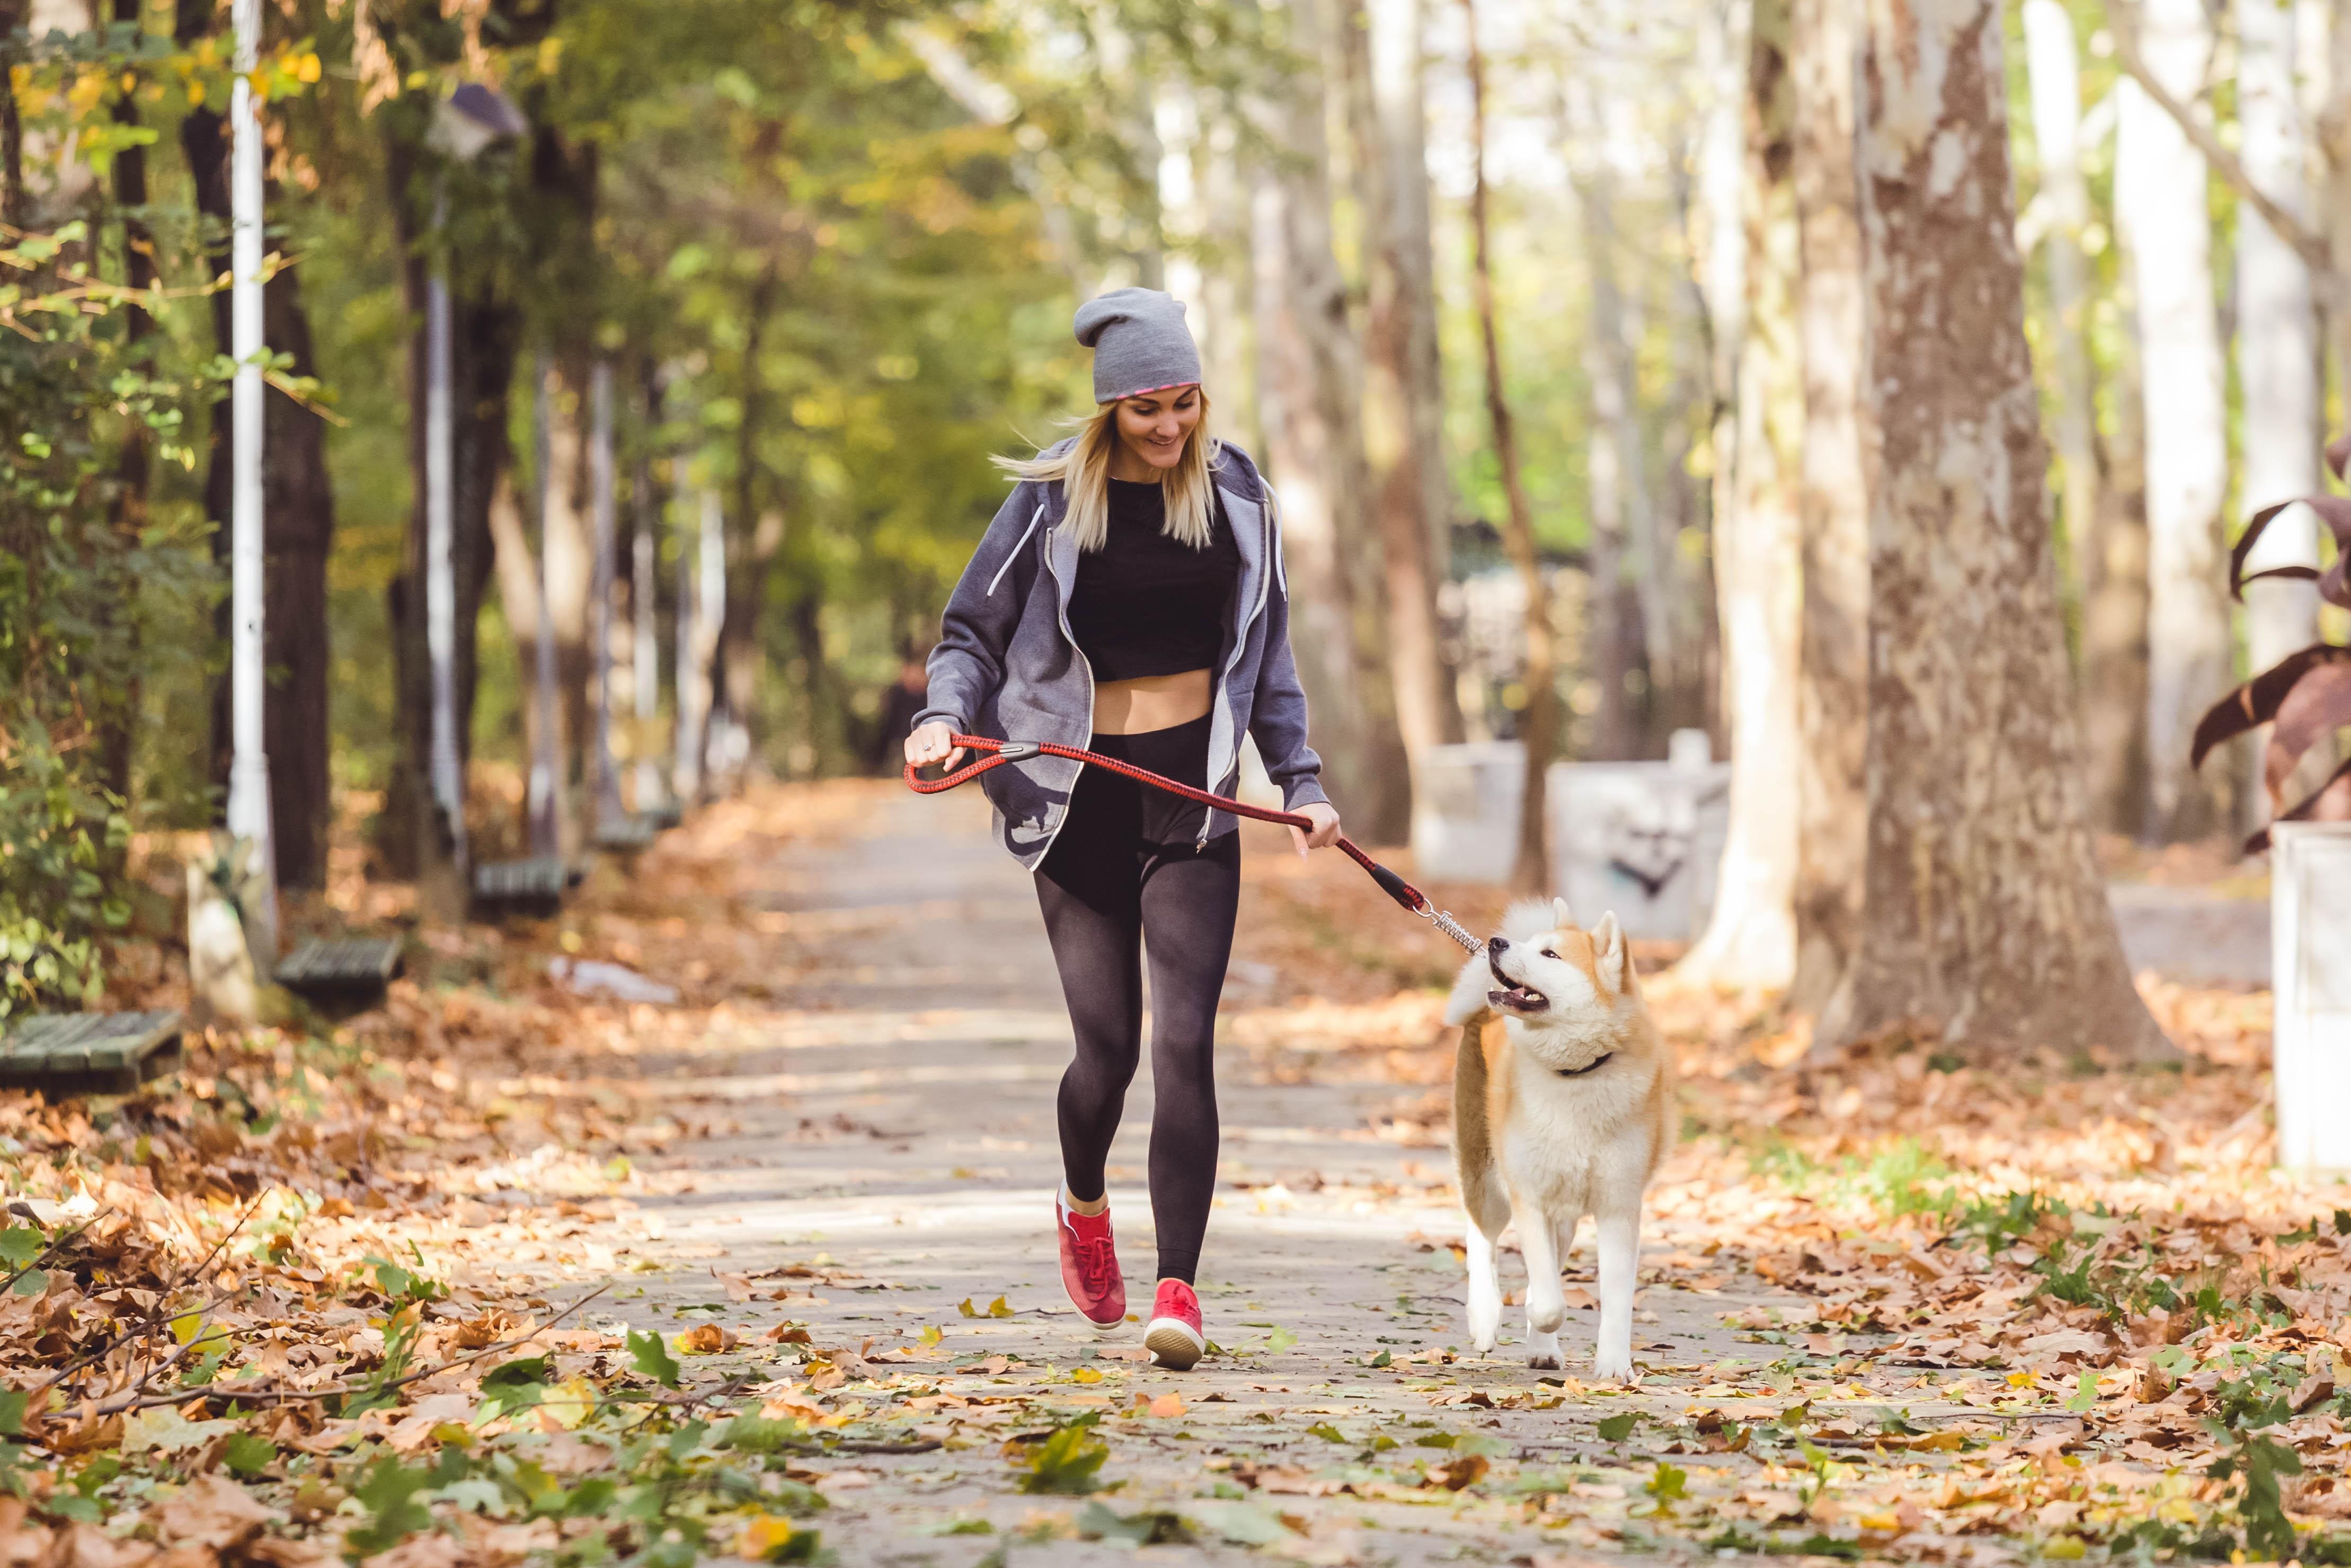 pretty-blonde-woman-walking-dog-in-park.jpg